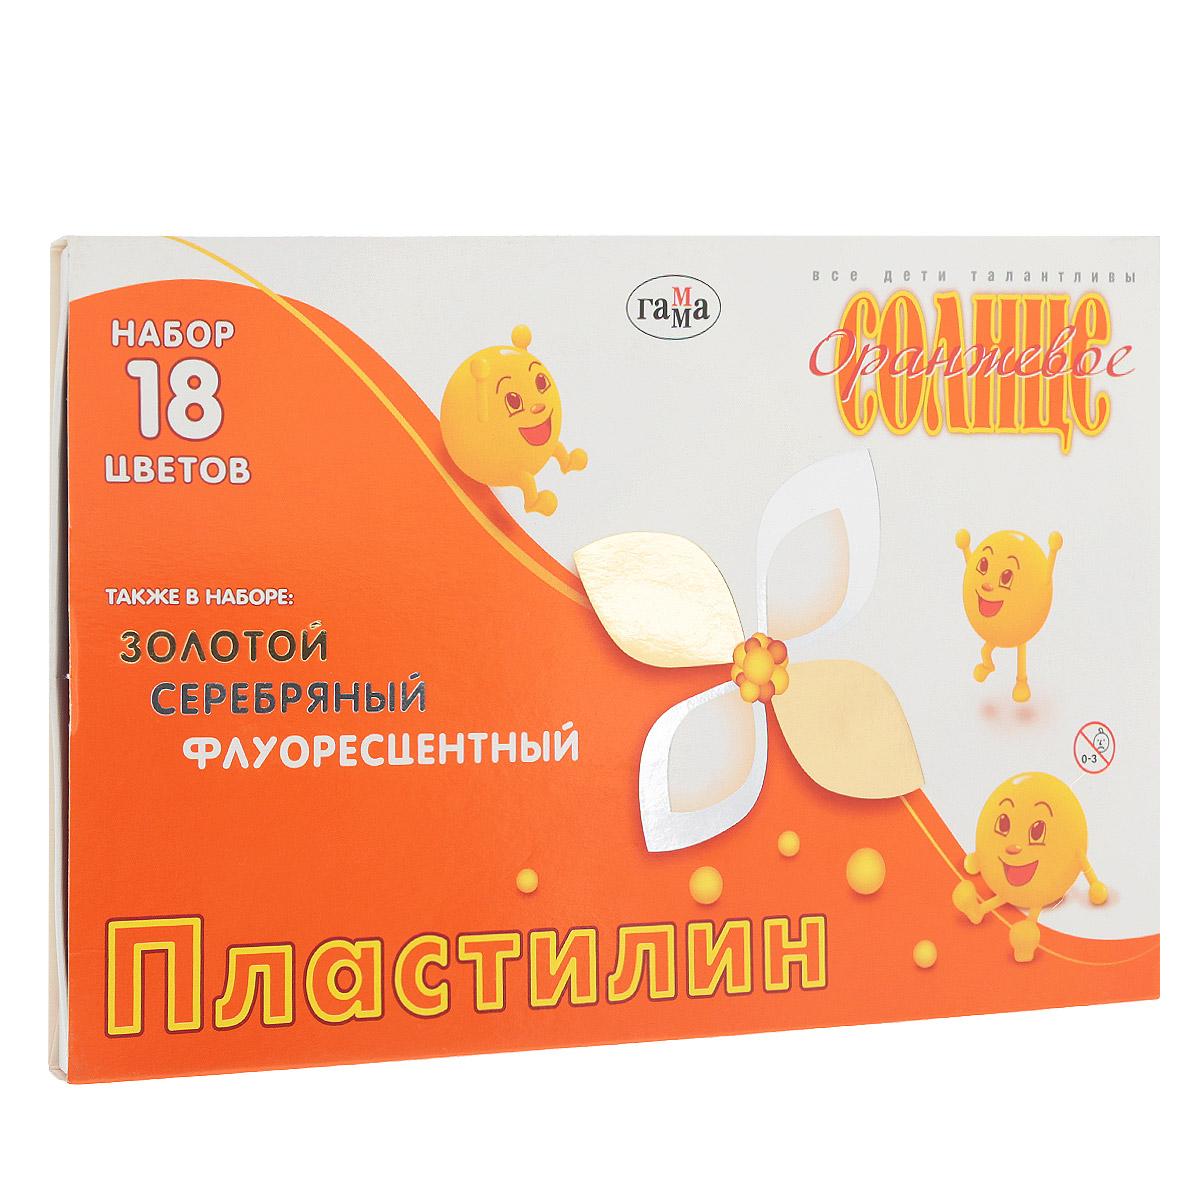 Пластилин Гамма Оранжевое солнце, 18 цветов72523WDПластилин Гамма Оранжевое солнце предназначен для лепки и моделирования. Лепка из пластилина способствует развитию мелкой моторики рук и пространственного мышления, кроме того, это увлекательный досуг. Пластилин изготовлен из высококачественных компонентов, благодаря которым он не окрашивает руки, не прилипает к пальцам, хорошо держит форму, легко смешивается, не рвется, в процессе согревания мягко растягивается. С помощью стека, вложенного в коробку, ребенок может наносить орнамент на свои изделия, что позитивно влияет на творческое мышление. Длина стека 13 см. В набор входят: 6 брусочков цветного пластилина (белый, желтый, красный, зеленый, красно-коричневый, черный), 6 брусочков перламутрового (серебряный, золотой, коралловый, салатовый, голубой, сиреневый) и 6 брусочков флуоресцентного воскового пластилина (лимонный, оранжевый, красный, светло-зеленый, синий, темно-синий). Общая масса пластилина: 220 г.